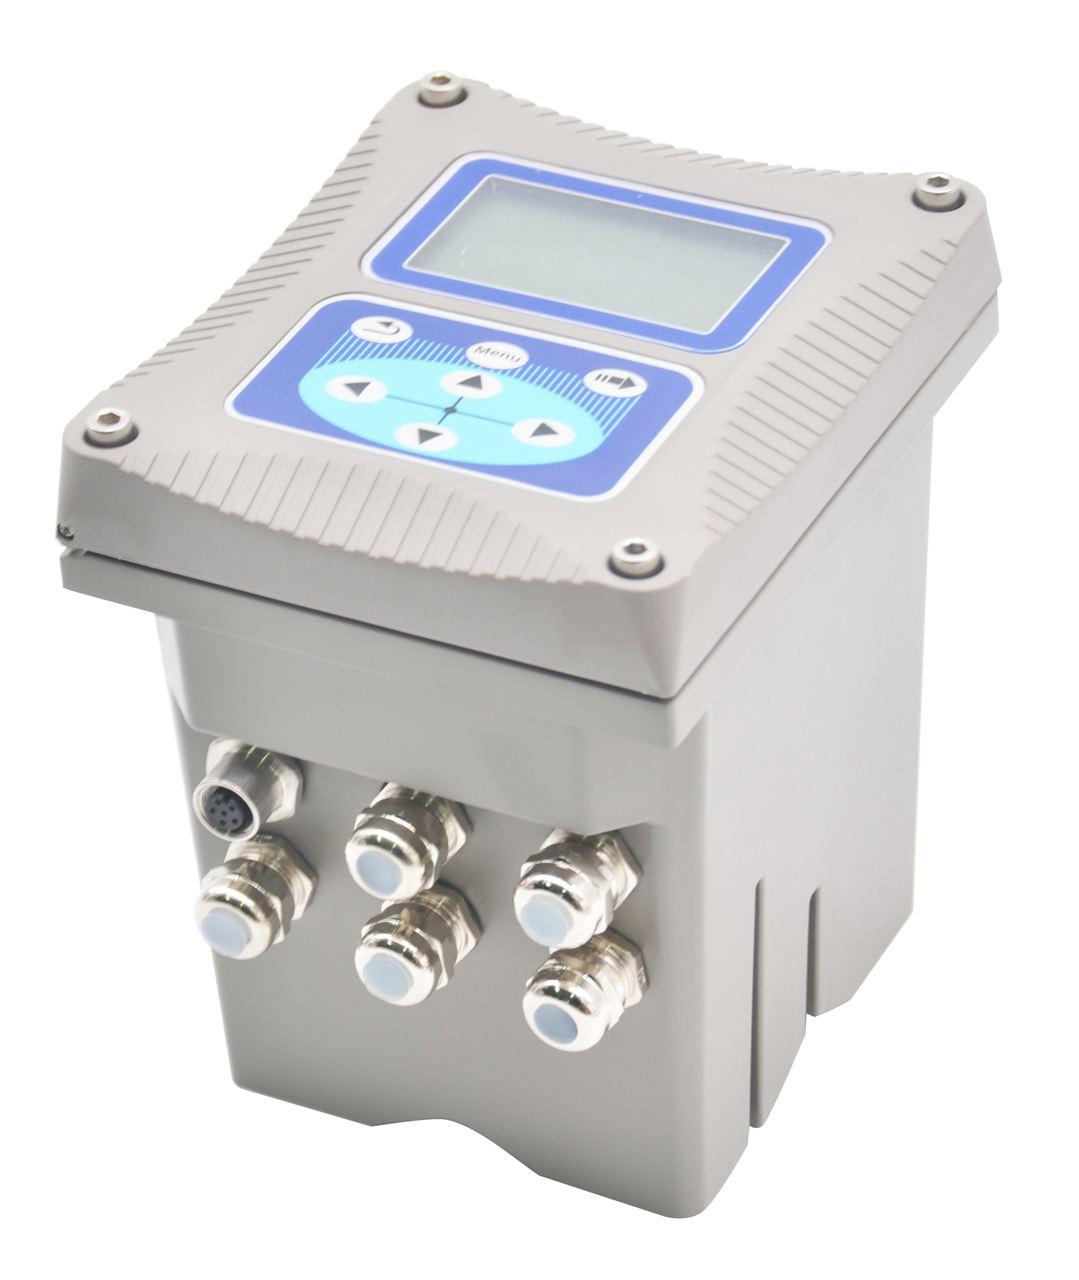 厦门精川荧光法溶氧仪